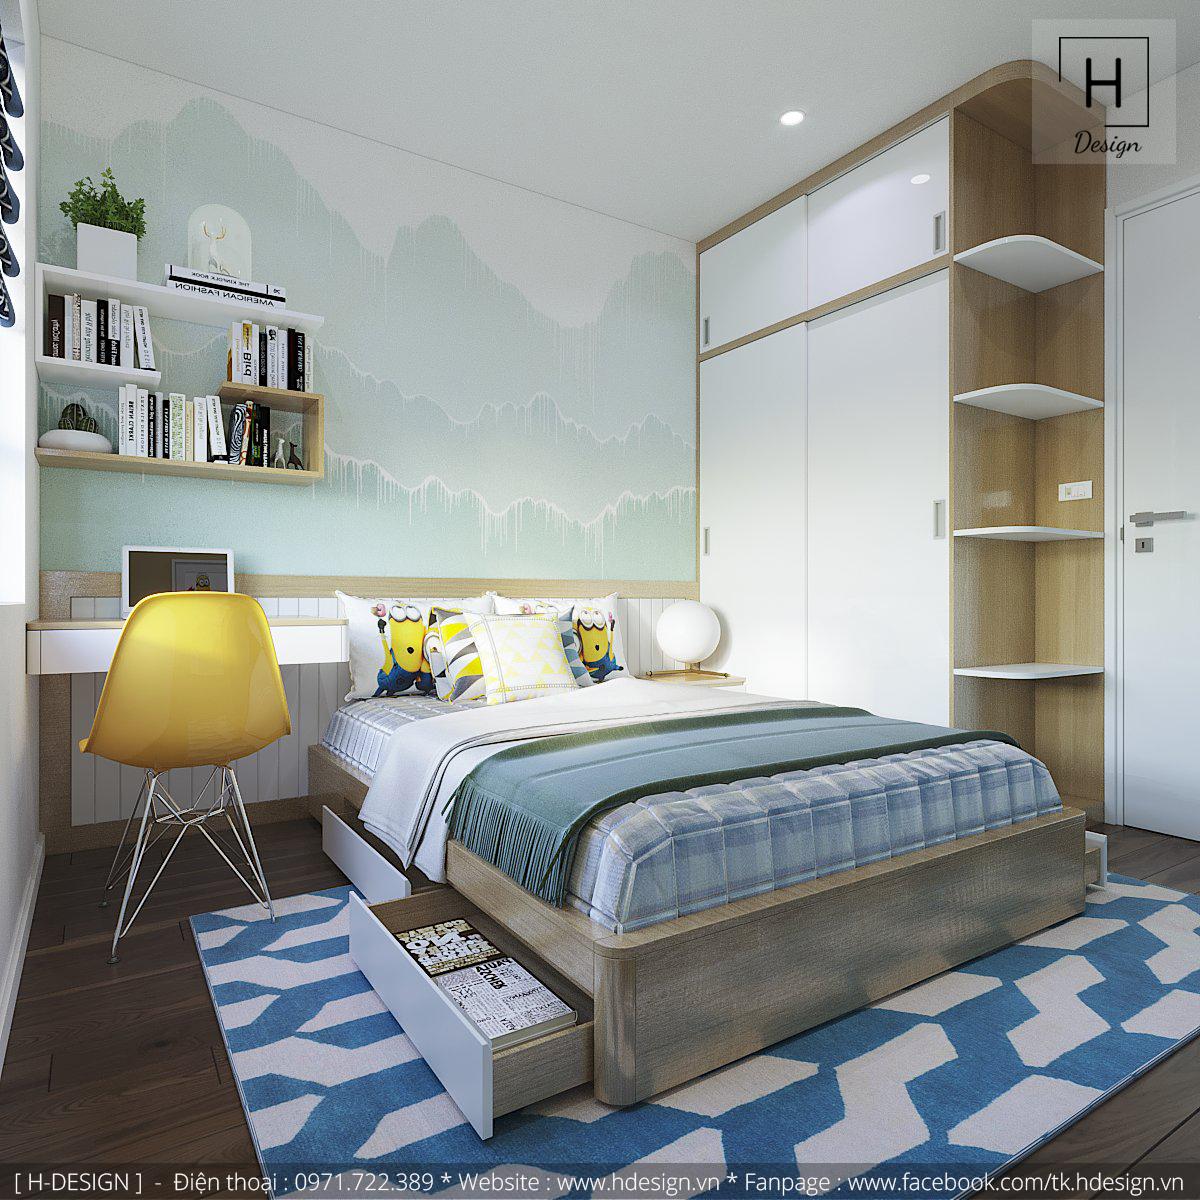 Thiết kế nội thất phòng ngủ con cho không gian căn hộ chung cư 2 phòng ngủ tại Kosmo Tây Hồ